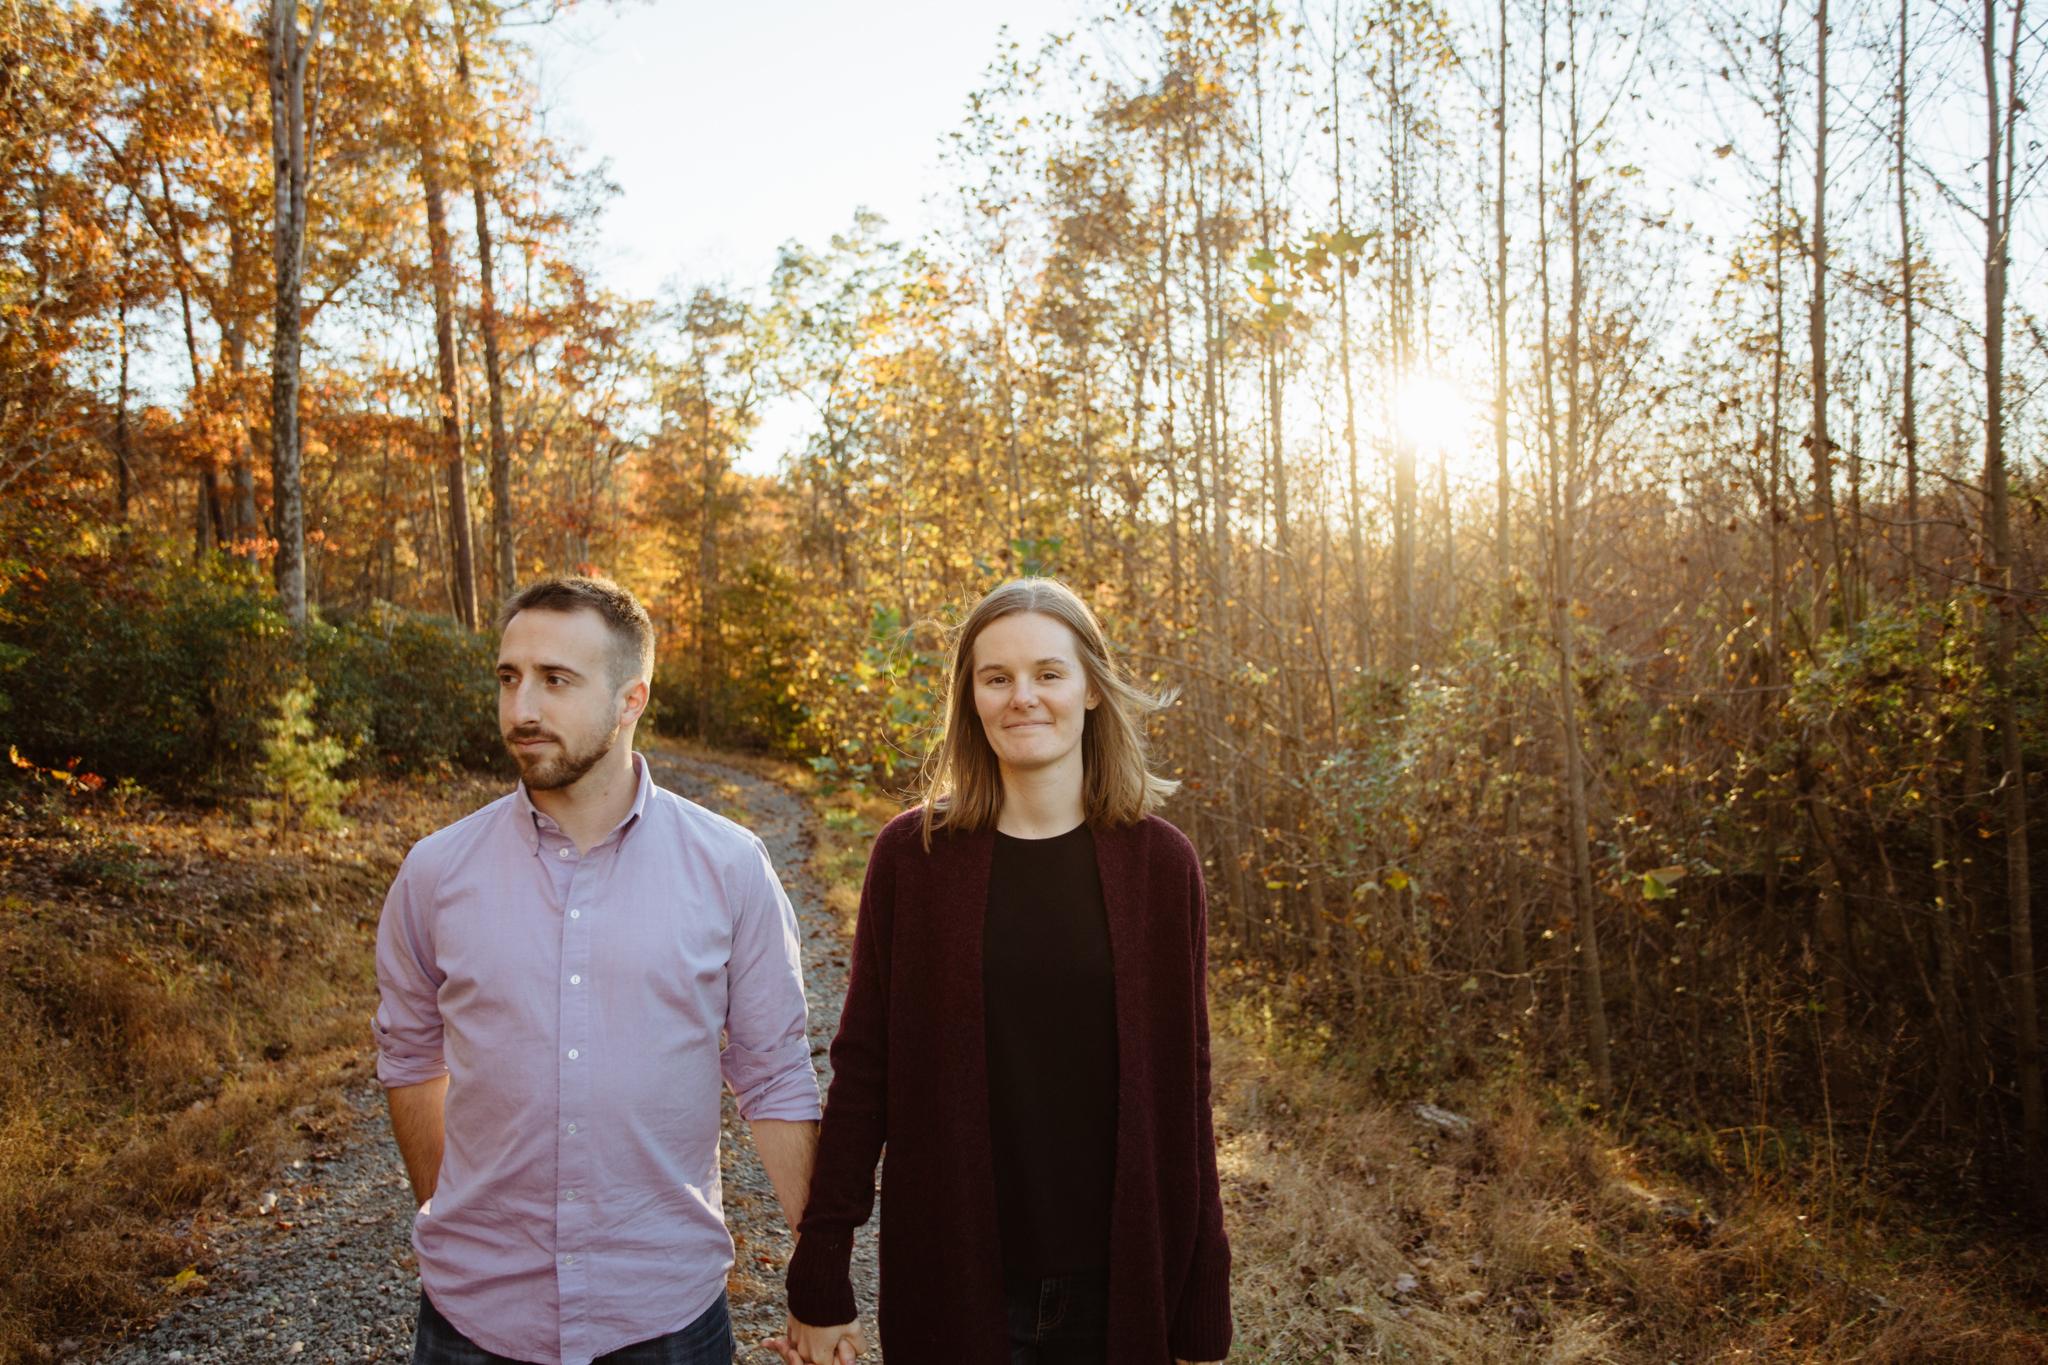 Charlottesville-Fall-Engagement_029.jpg